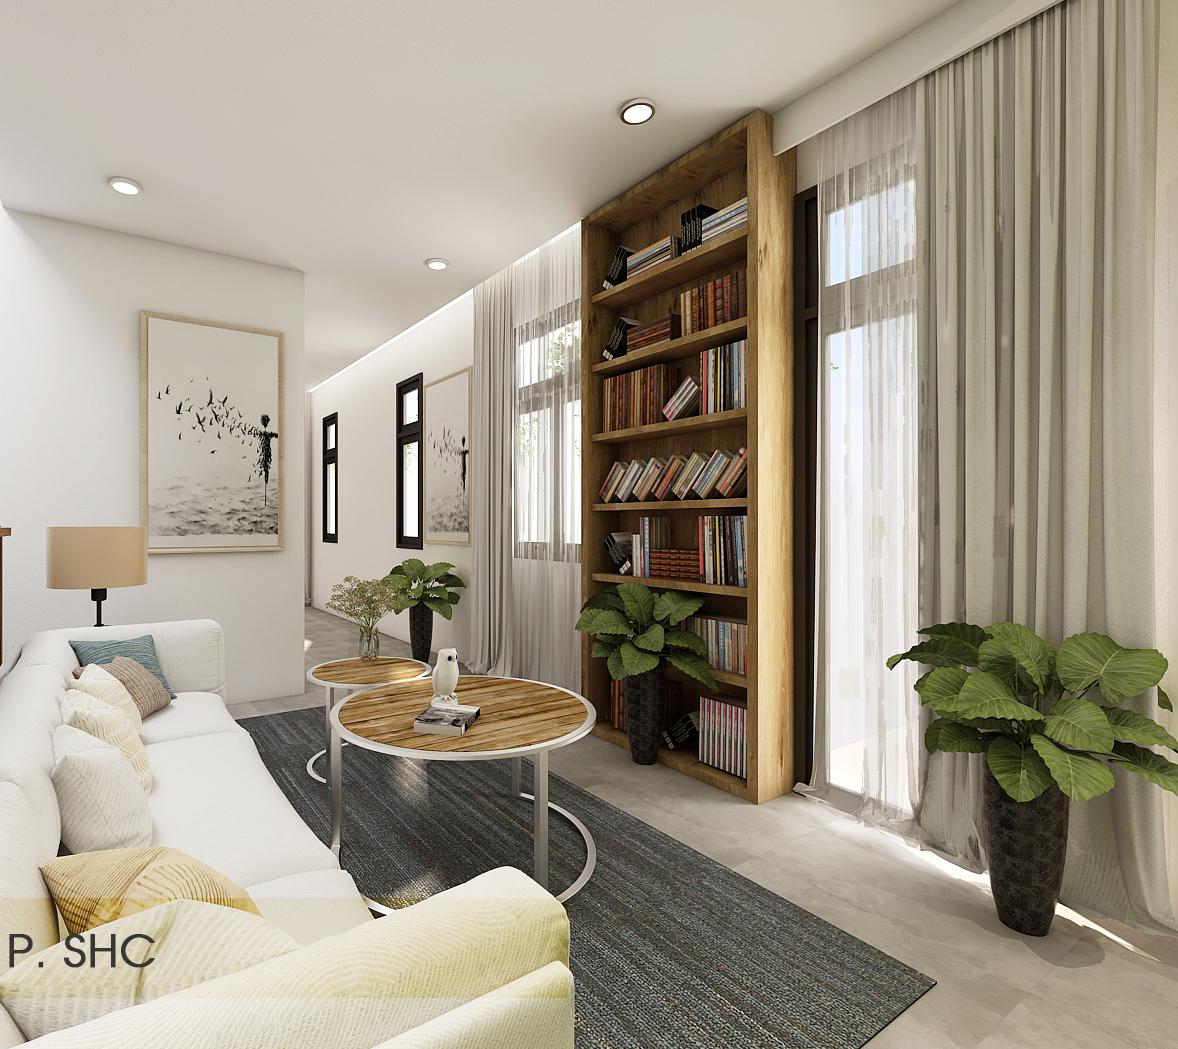 noi that hien dai biet thu 2 tang mini 16 [KHÔNG PHÁT SINH] xây nhà biệt thự 2 tầng ở Đồng Nai từ thiết kế đến hoàn công